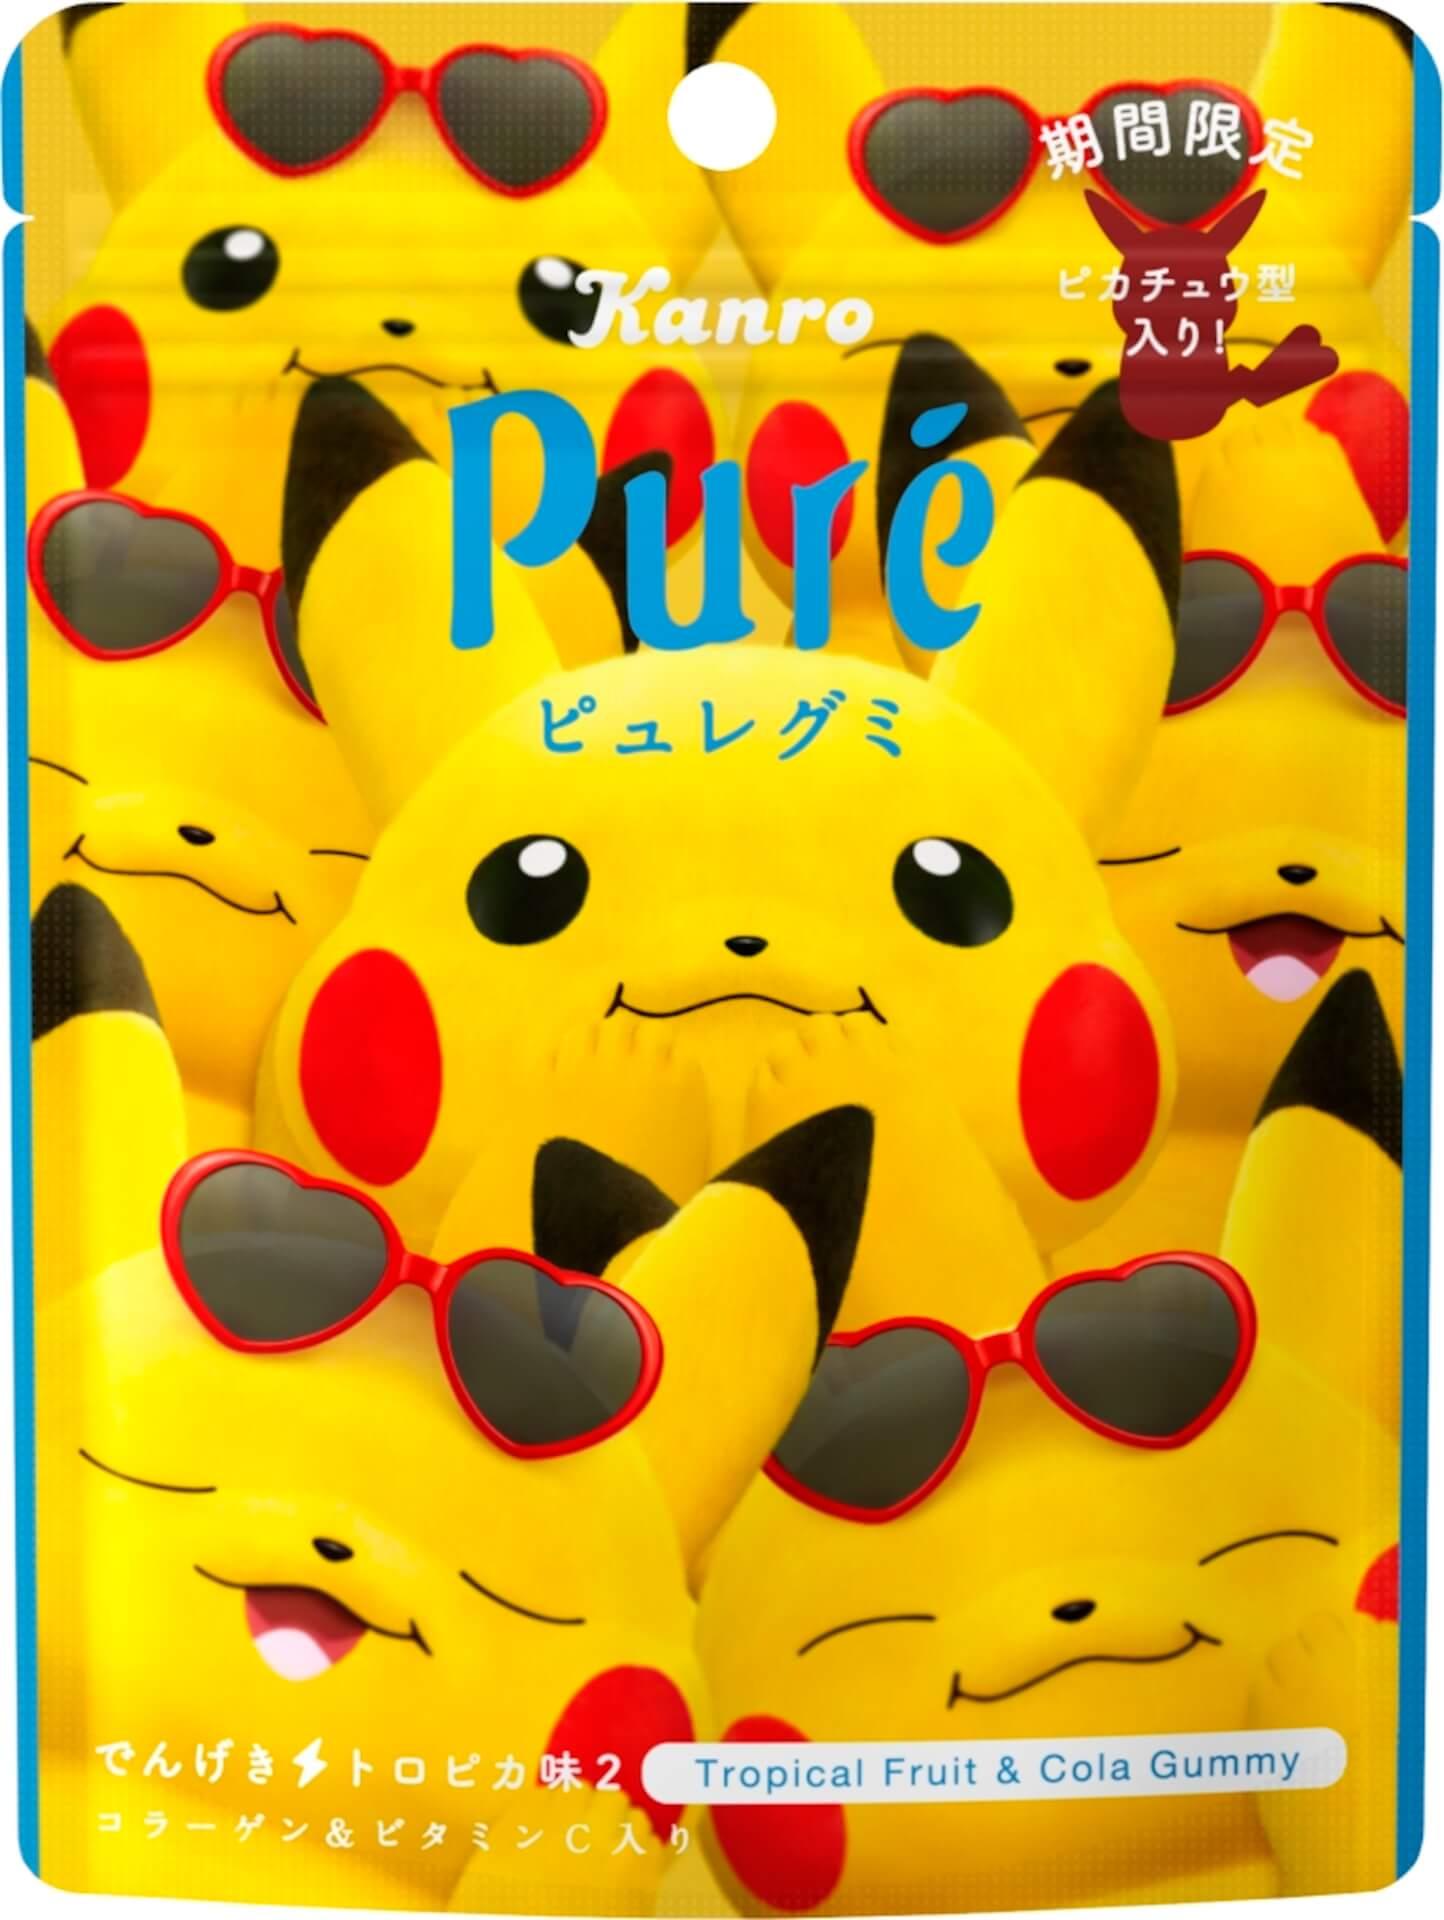 超キュートなピカチュウのグミがたくさん!大好評の「ピカチュウ ピュレグミ」第2弾が数量限定発売 gourmet200714_pure_pikachu_5